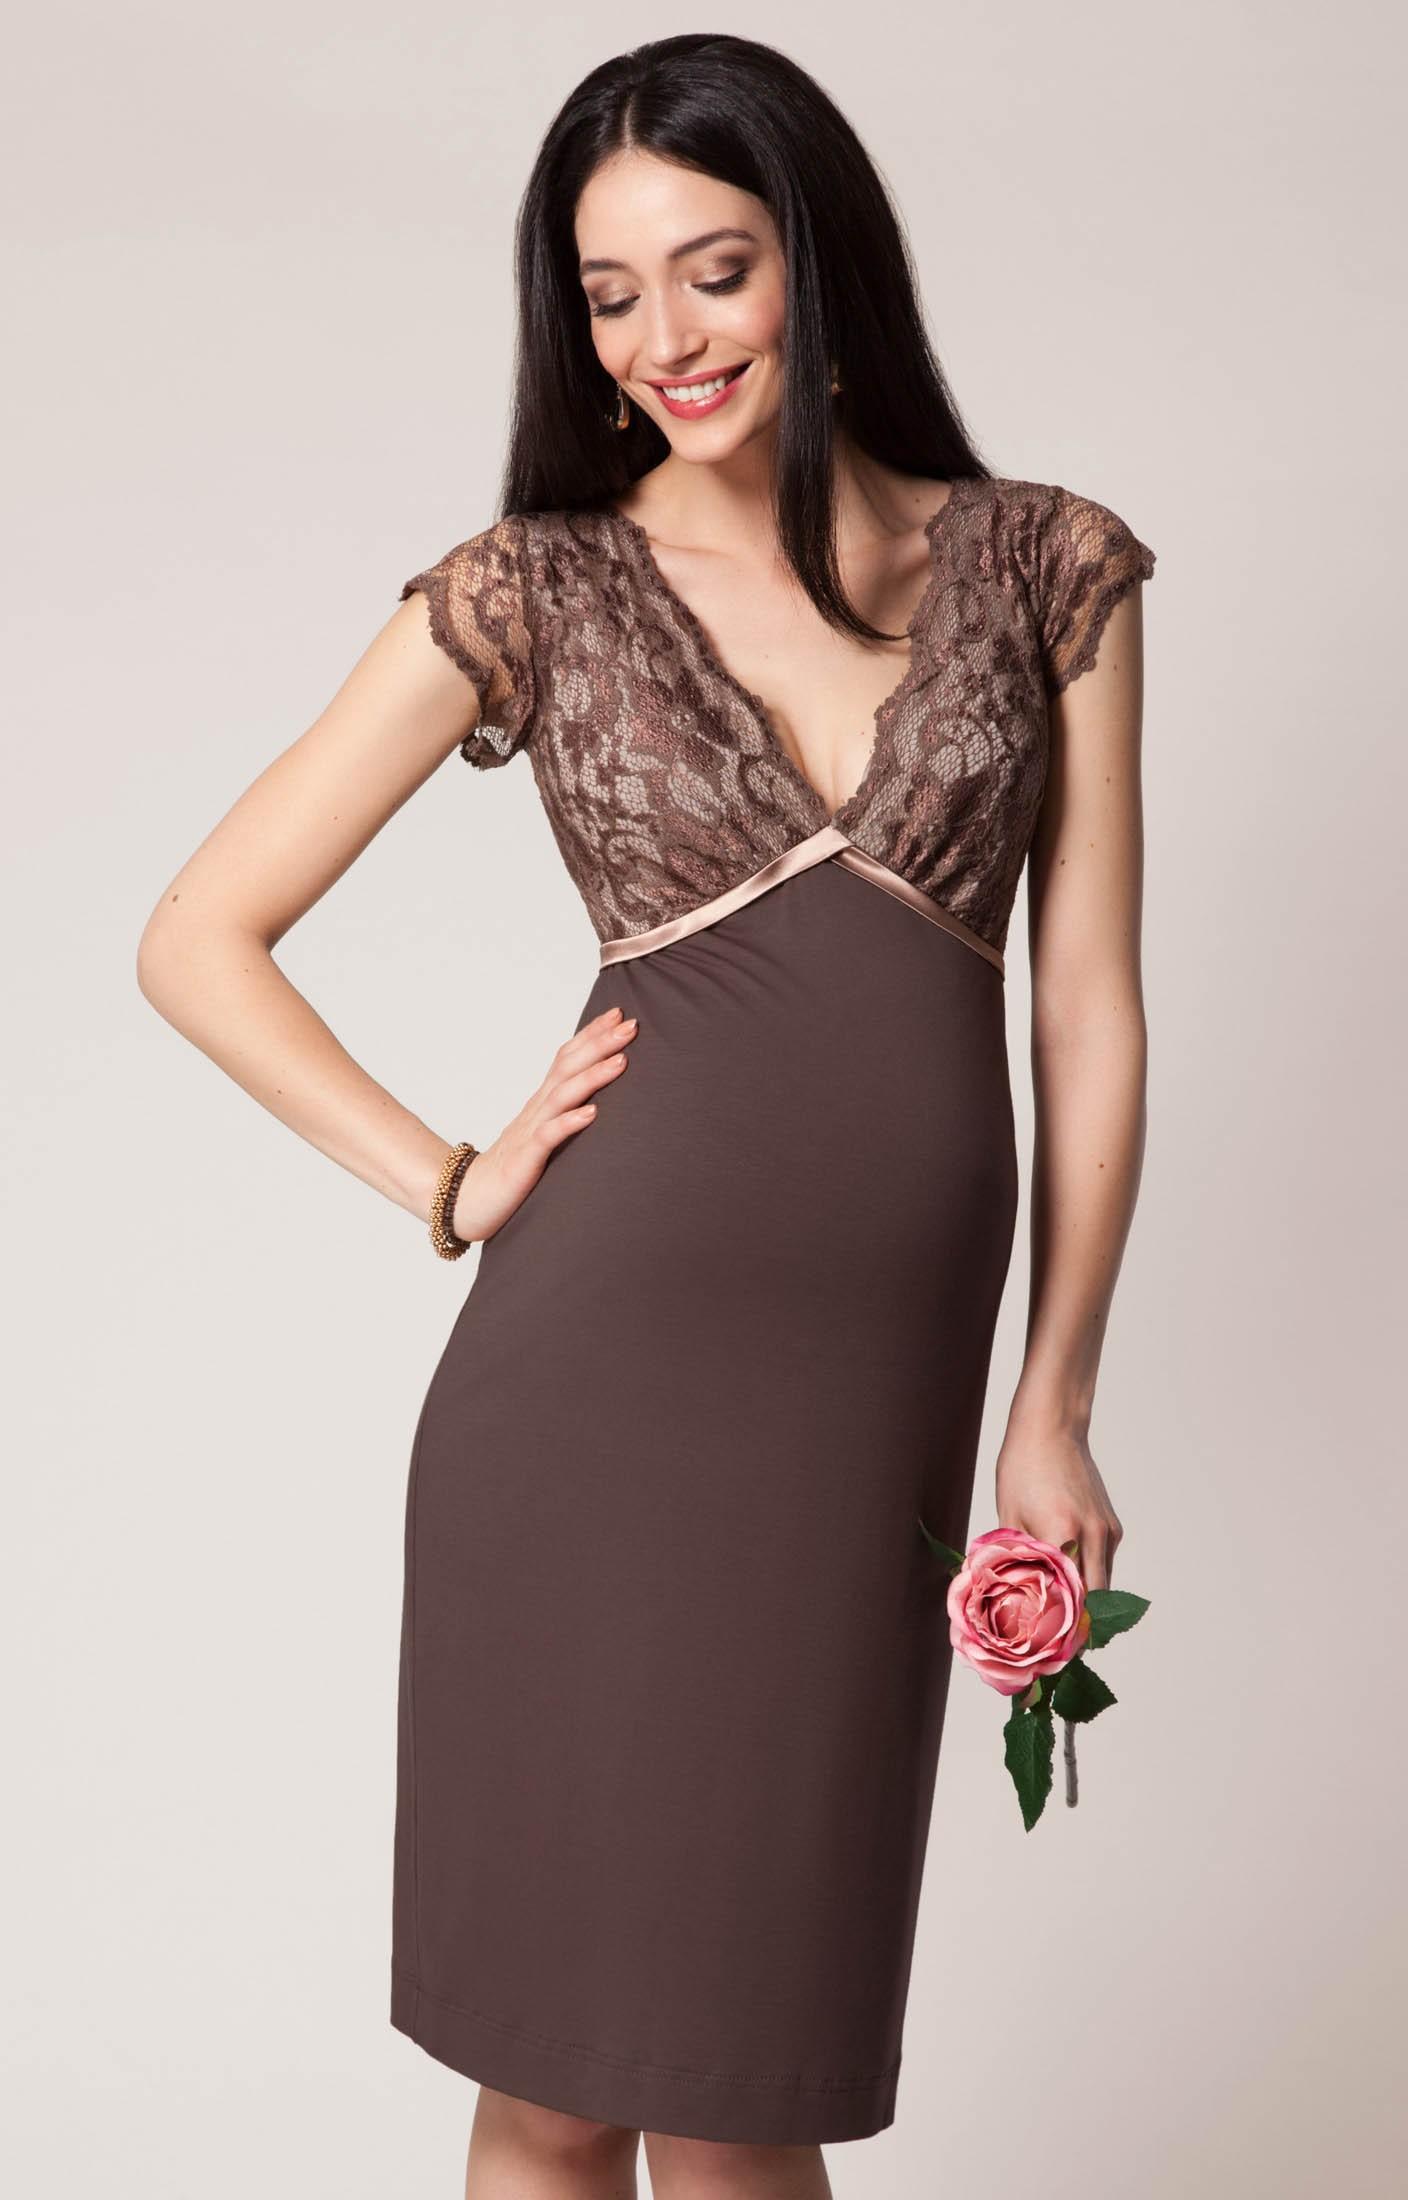 платья 2018 фото: платье коричневое с кружевами